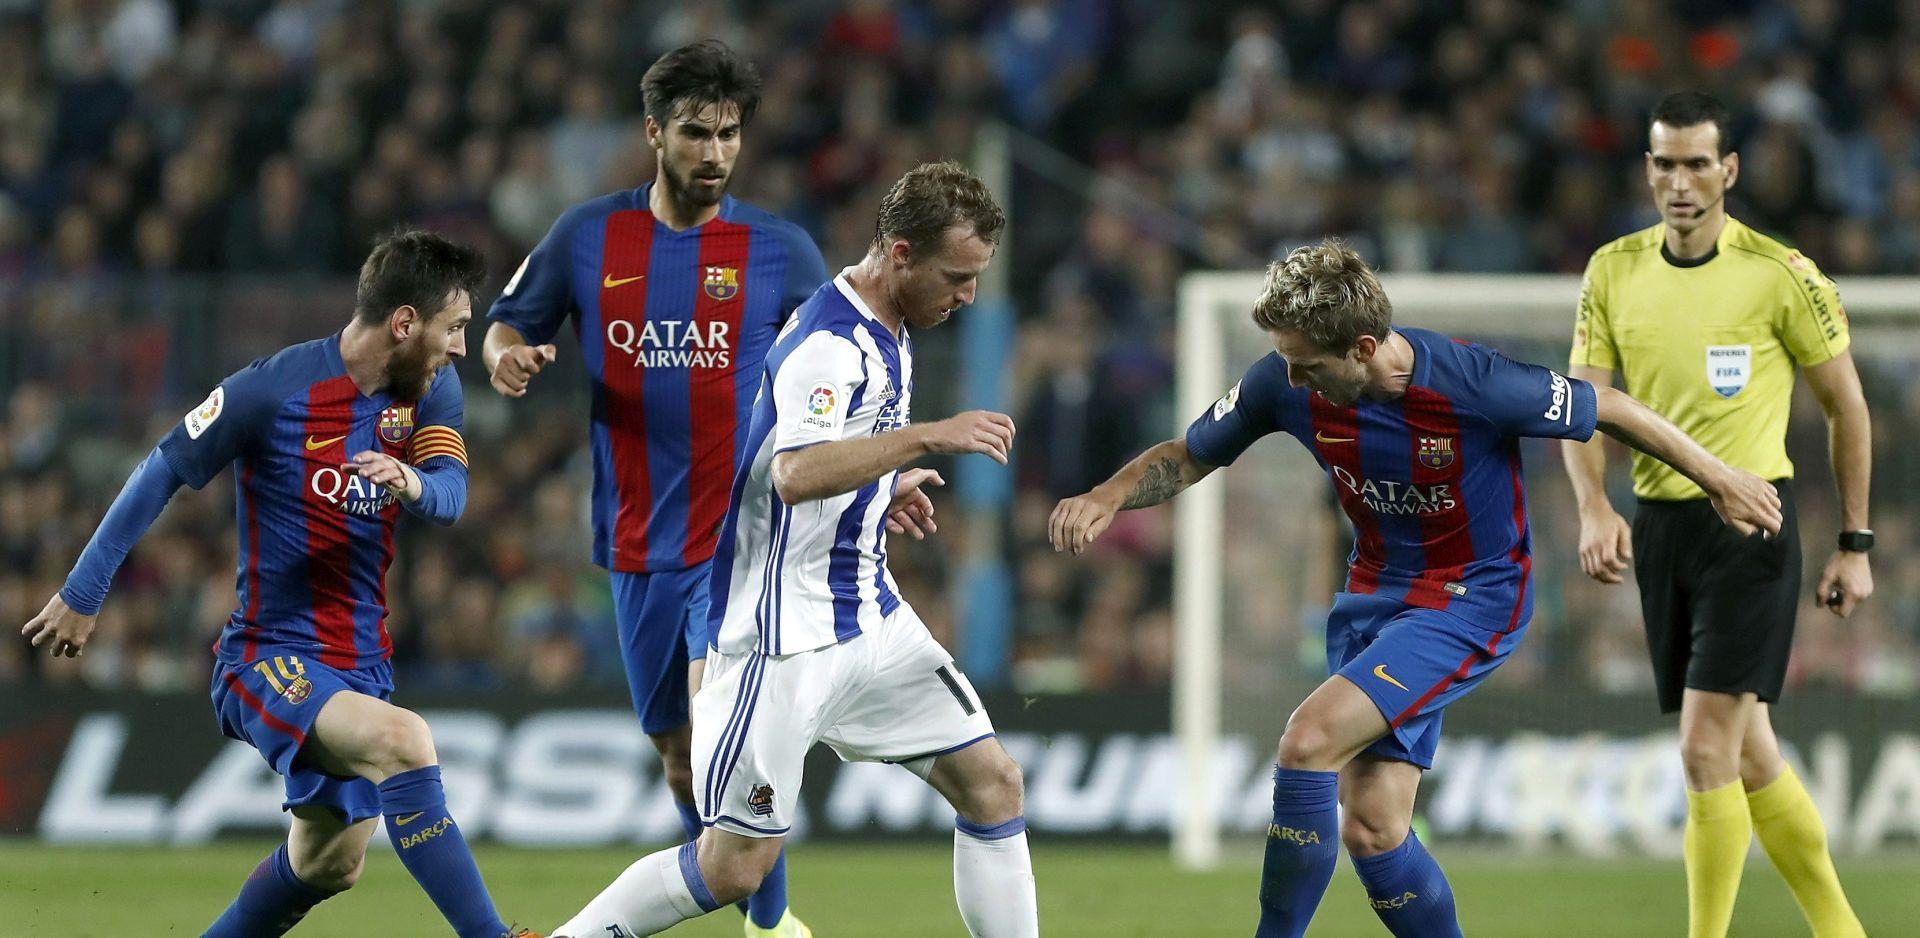 PRIMERA Pobjede Barcelone i Atlletica